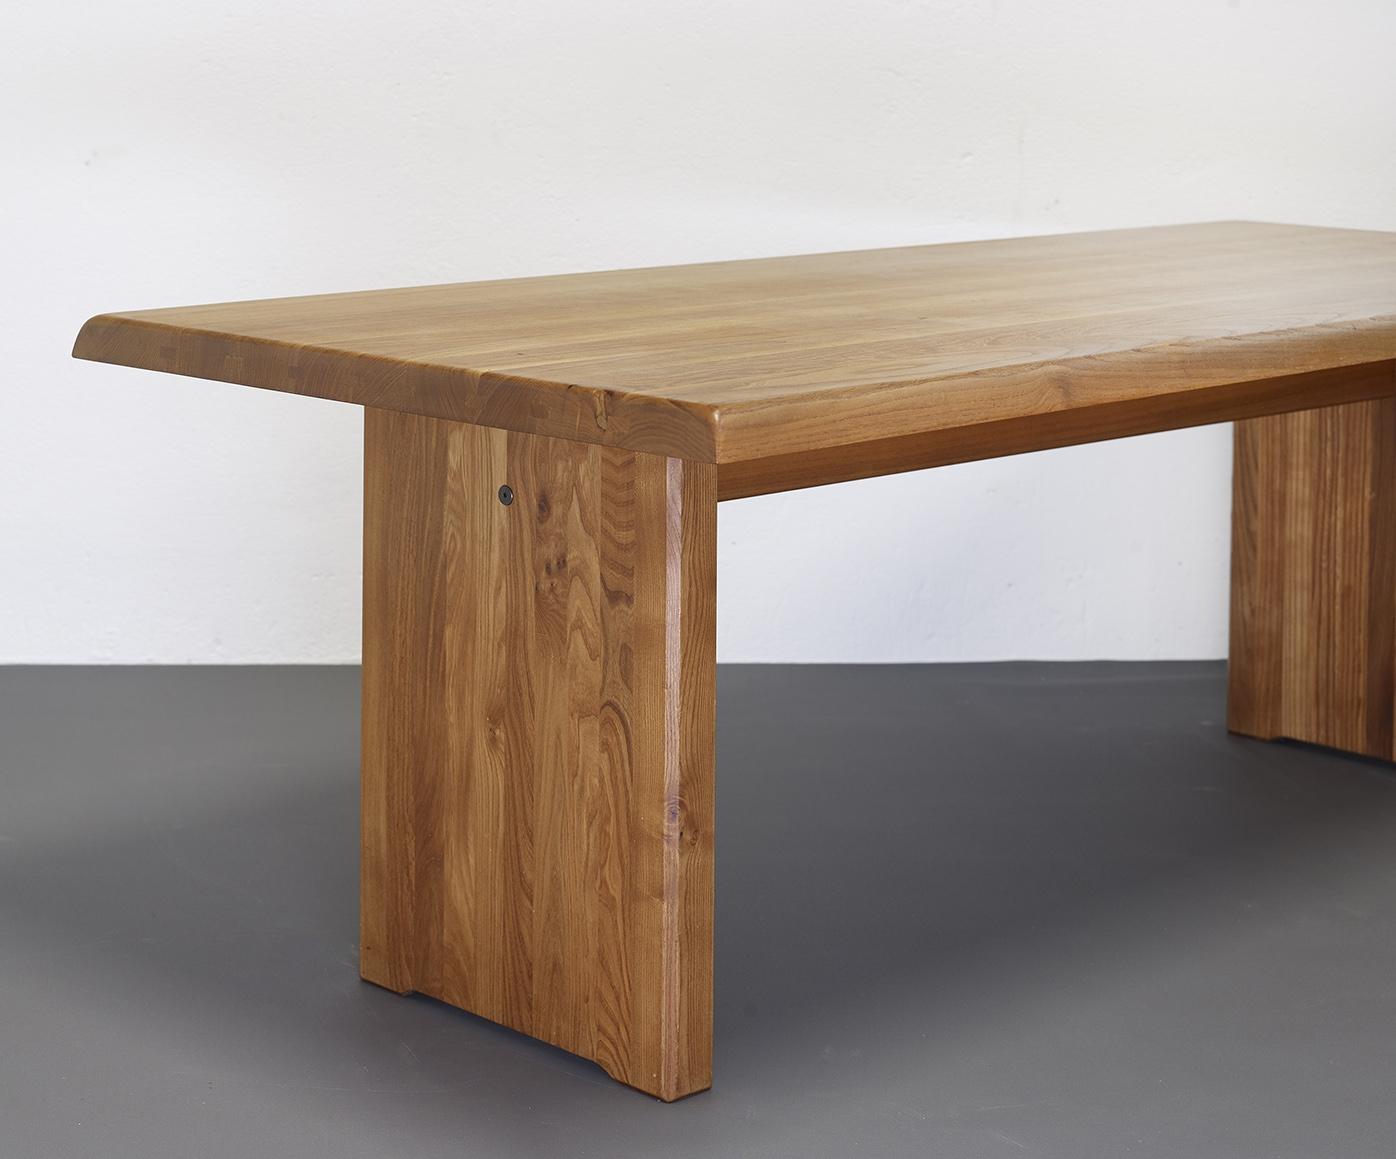 table-t14d-en-orme-de-pierre-chapo-ed-chapo-image-07